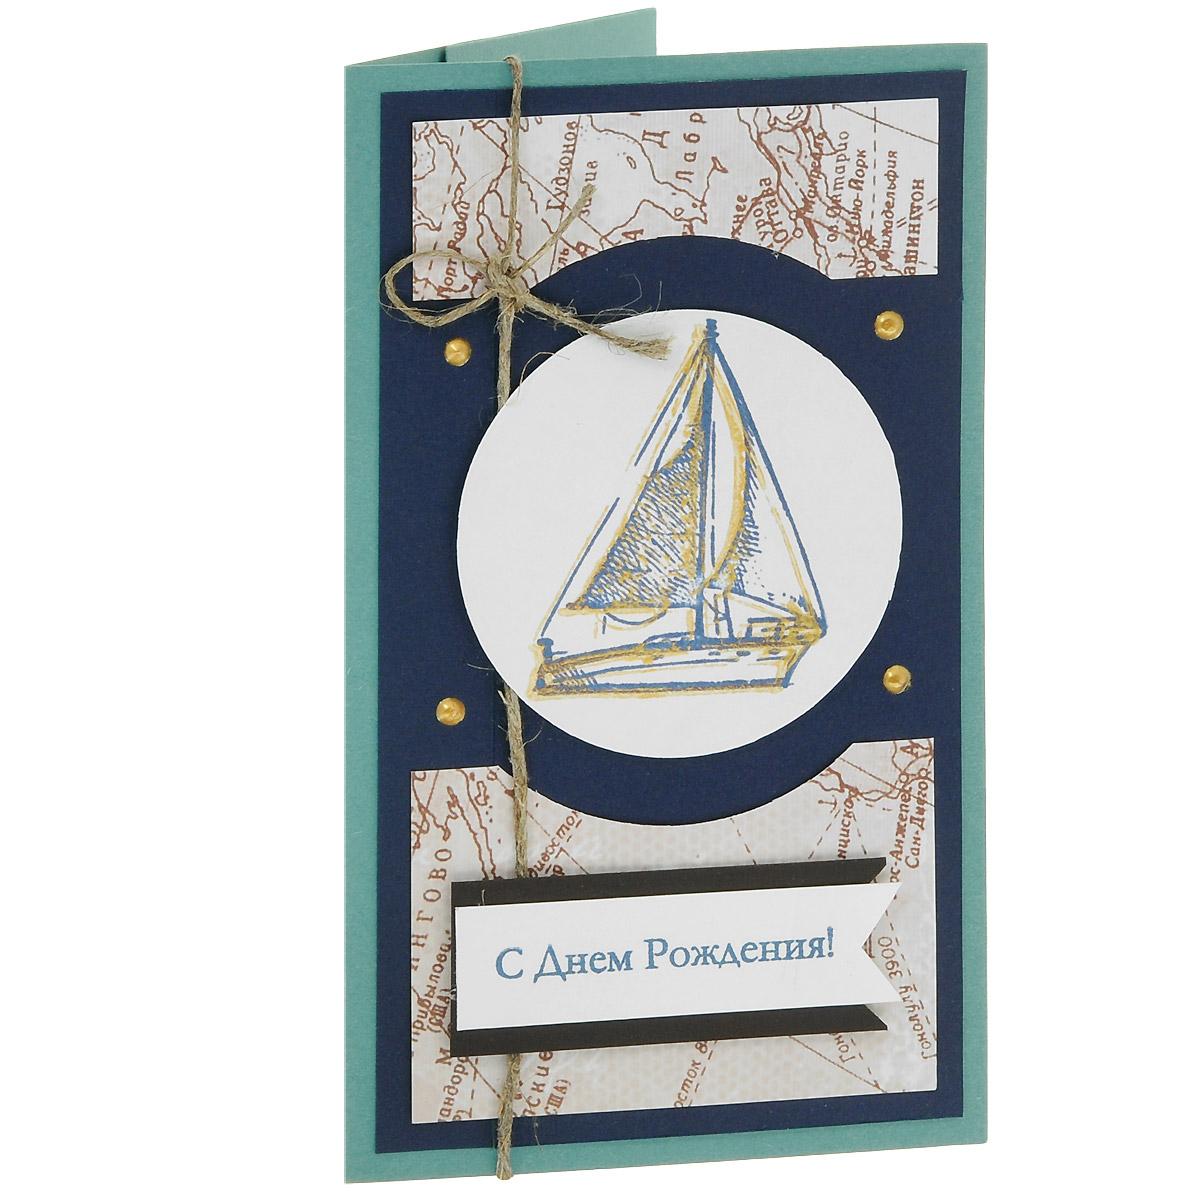 ОМ-0015 Открытка-конверт «С Днём Рождения!» (морские карты, паруса, канаты). Студия «Тётя Роза»35806Характеристики: Размер 19 см x 11 см.Материал: Высоко-художественный картон, бумага, декор.Данная открытка может стать как прекрасным дополнением к вашему подарку, так и самостоятельным подарком. Так как открытка является и конвертом, в который вы можете вложить ваш денежный подарок или просто написать ваши пожелания на вкладыше.Морские карты, паруса и канаты – вот настоящая мужская тема! Небольшое количество декоративных элементов в оформлении подчеркивают сдержанность и выразительность!Также открытка упакована в пакетик для сохранности. Обращаем Ваше внимание на то, что открытка может незначительно отличаться от представленной на фото. Открытки ручной работы от студии Тётя Роза отличаются своим неповторимым и ярким стилем. Каждая уникальна и выполнена вручную мастерами студии. (Открытка для мужчин, открытка для женщины, открытка на день рождения, открытка с днем свадьбы, открытка винтаж, открытка с юбилеем, открытка на все случаи, скрапбукинг)